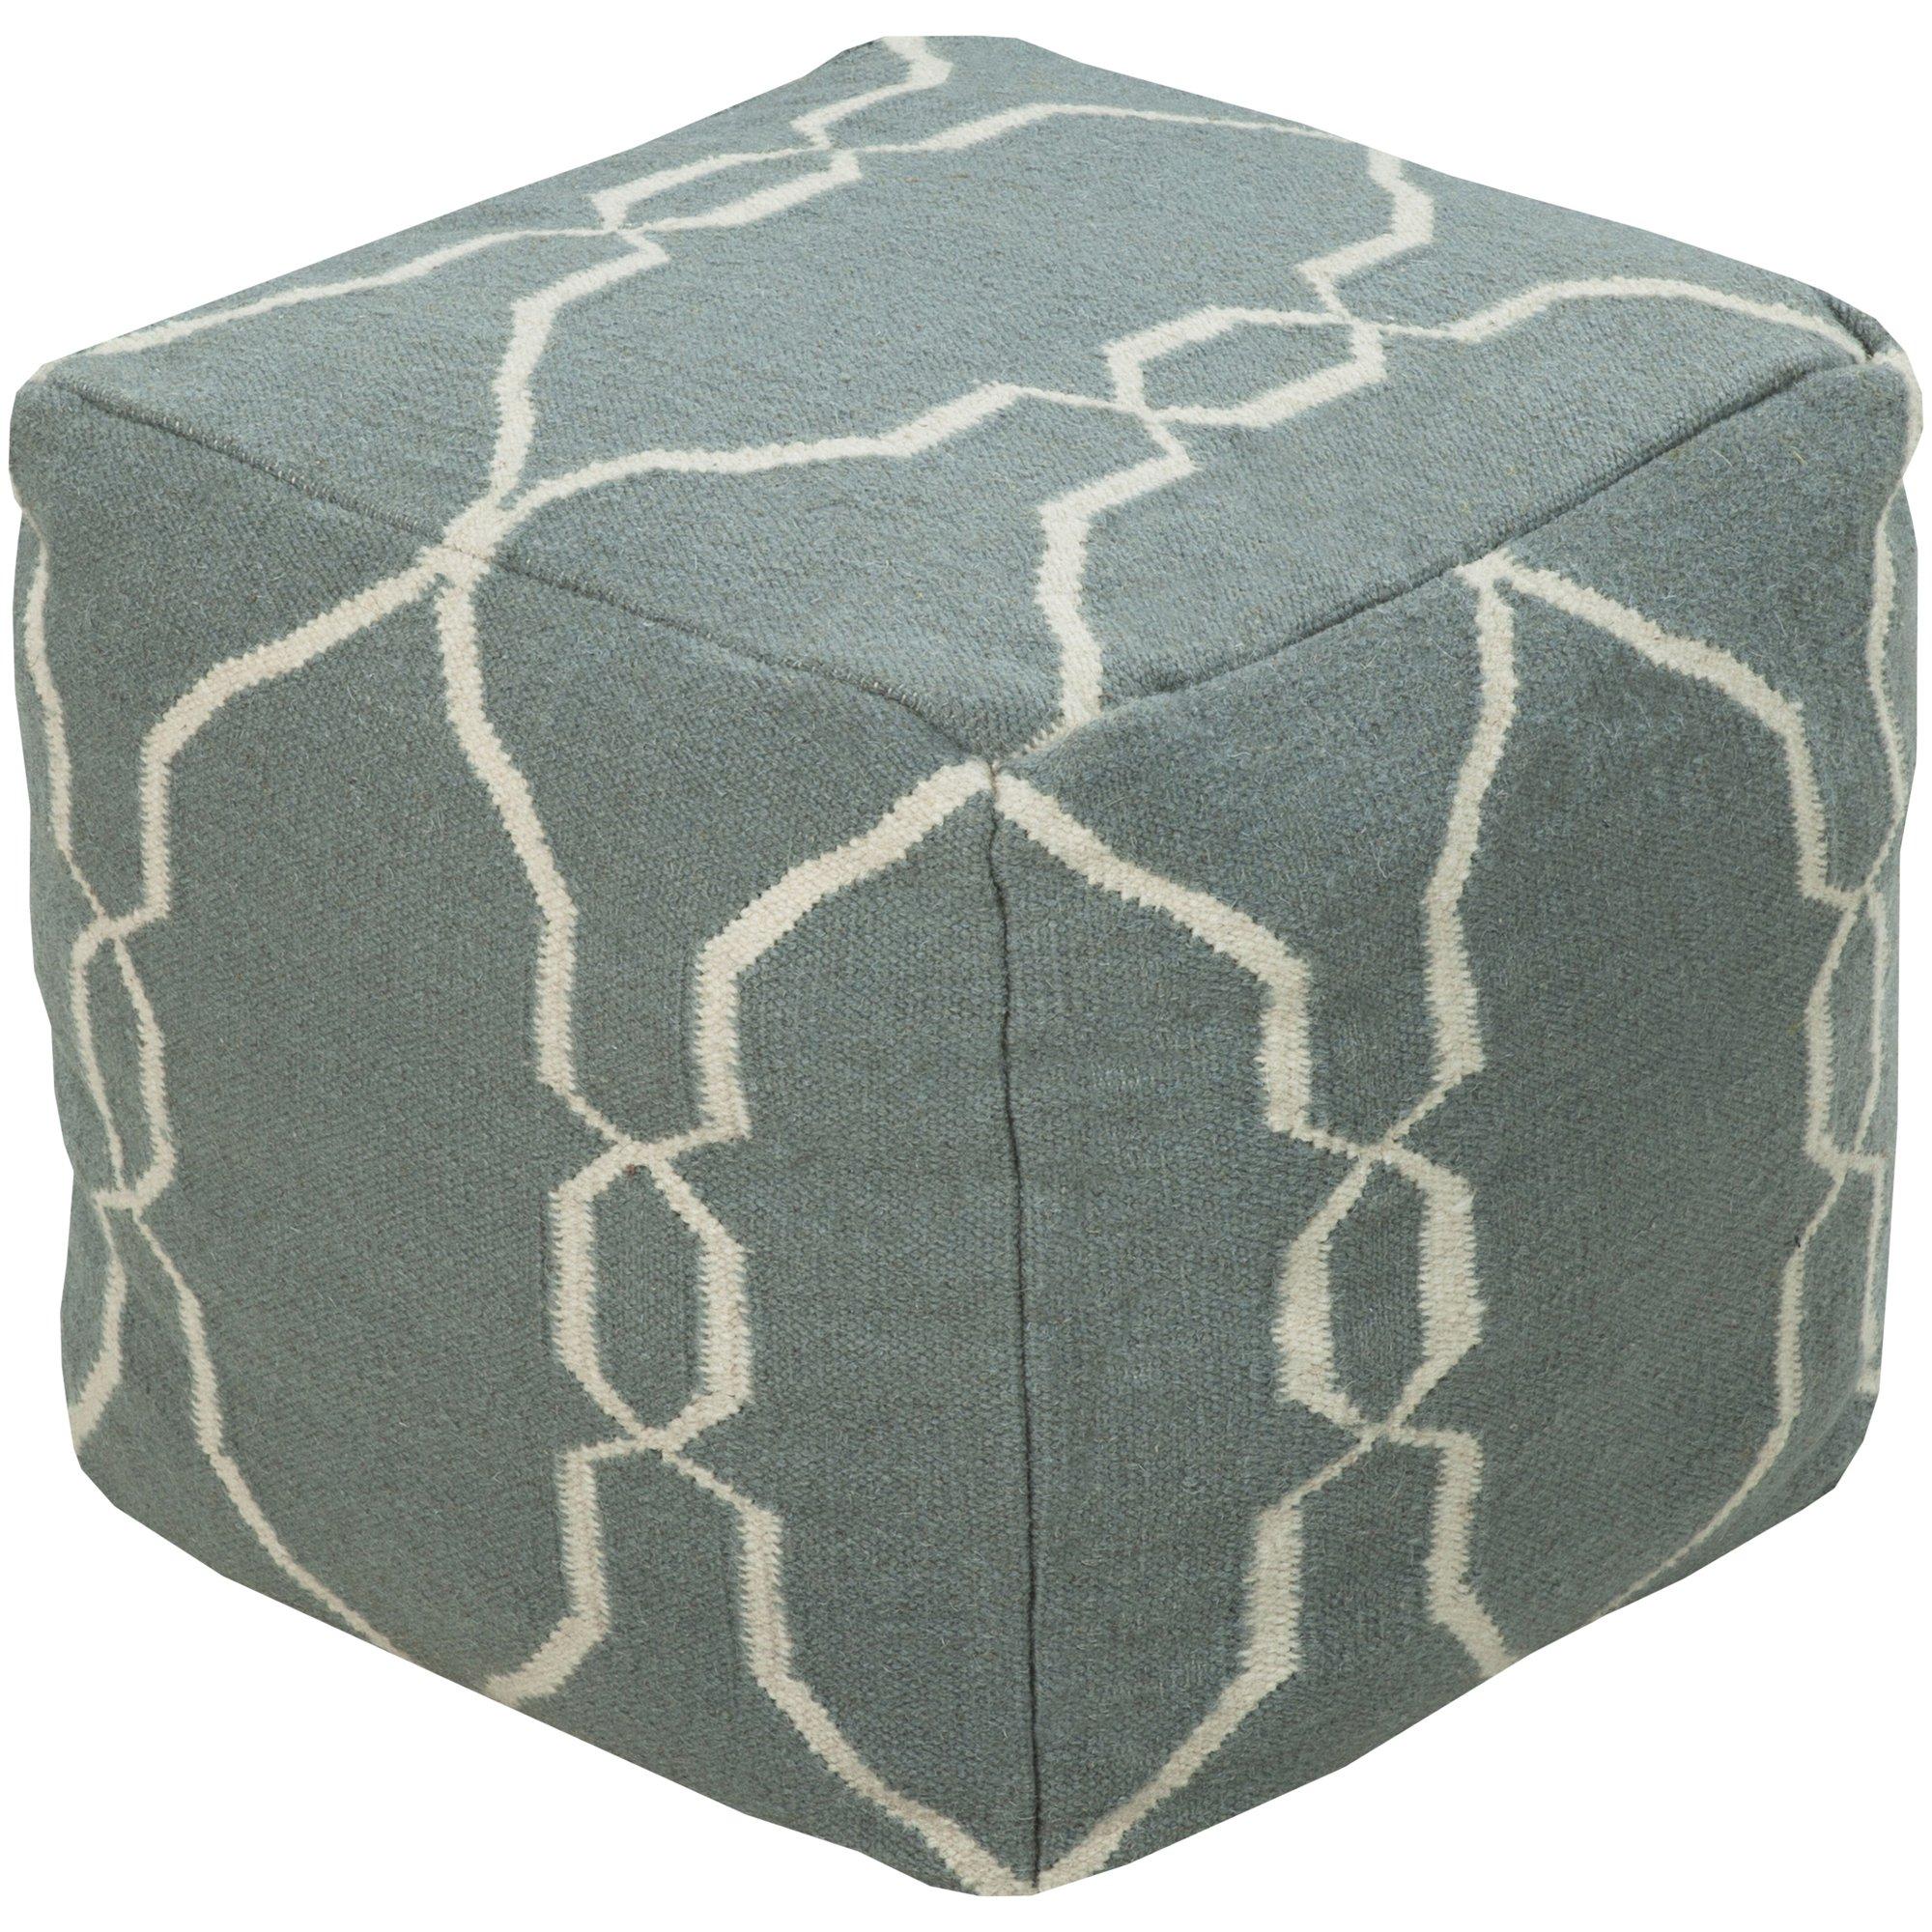 Surya POUF-25 Hand Made 100% Wool Tan 18'' x 18'' x 18'' Pouf